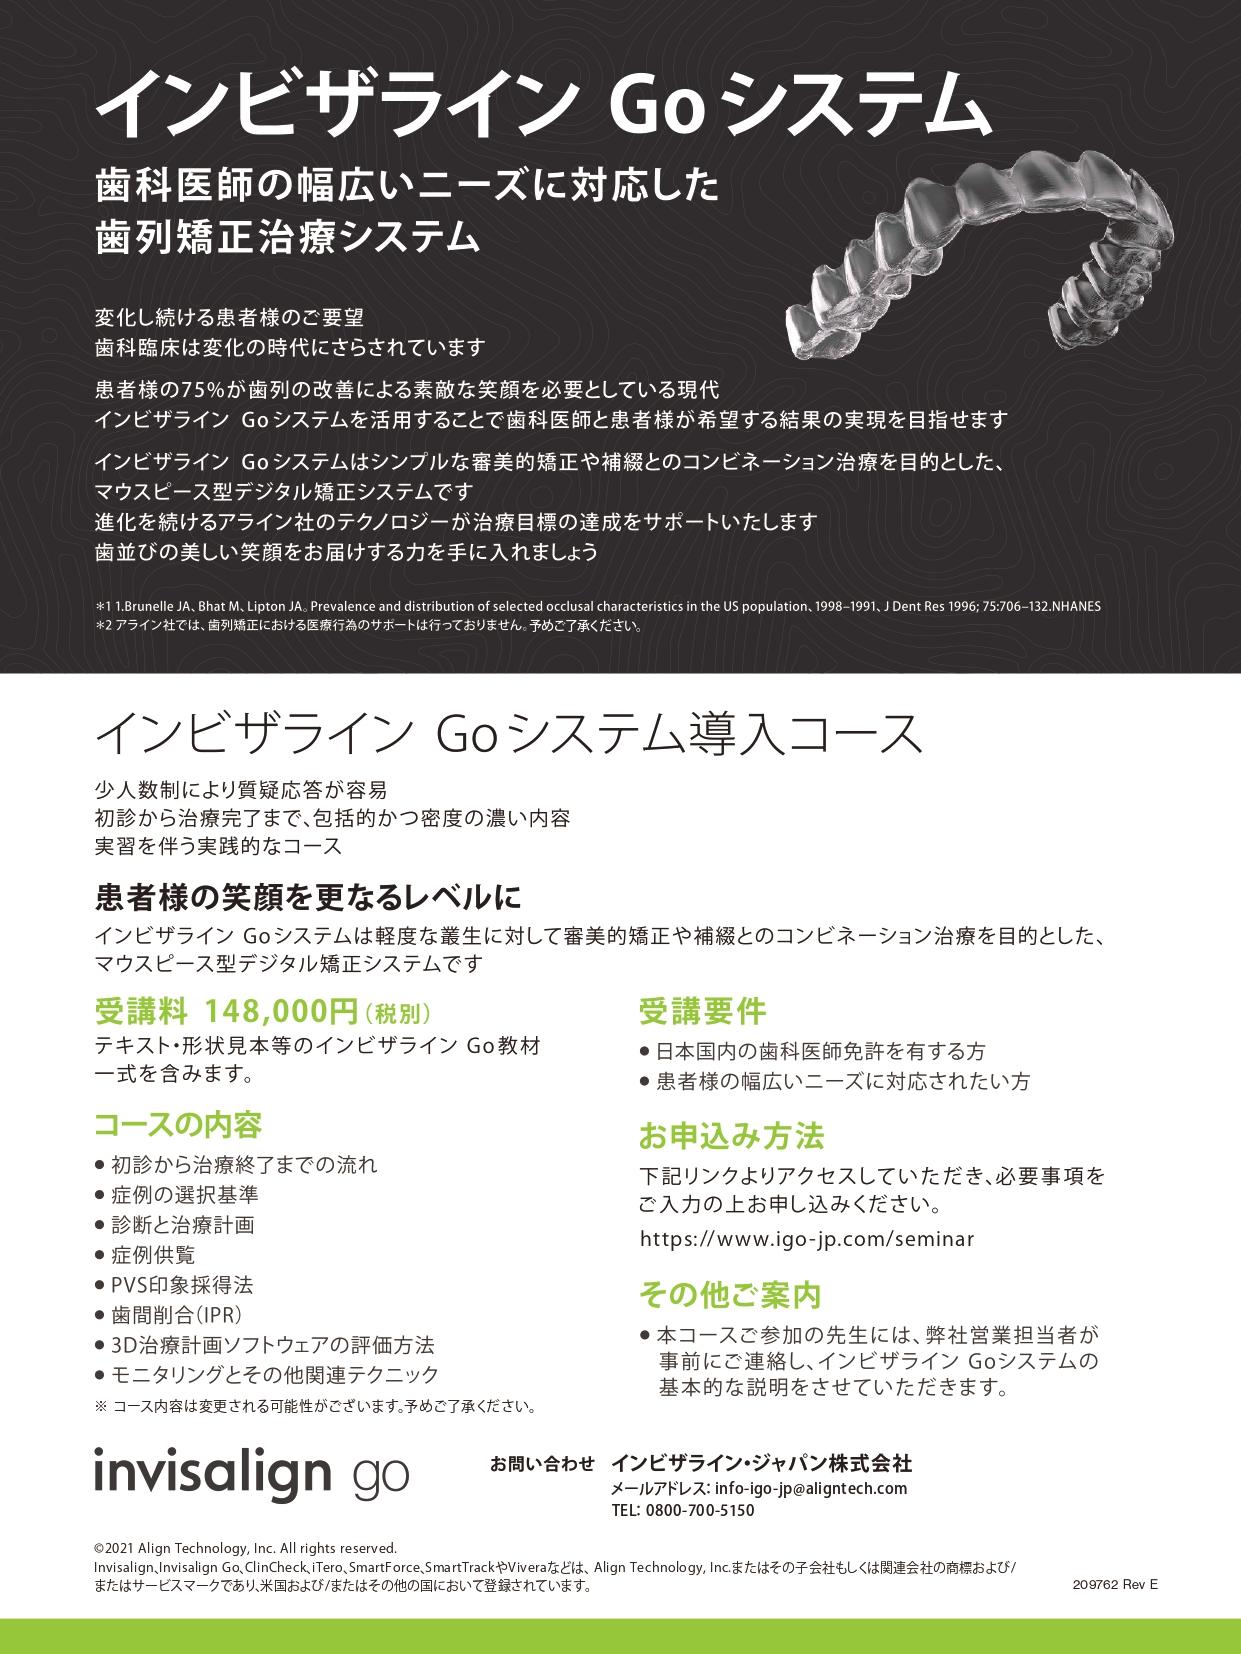 【オンライン講座】インビザライン Go システム導入コース 10月14日(木)